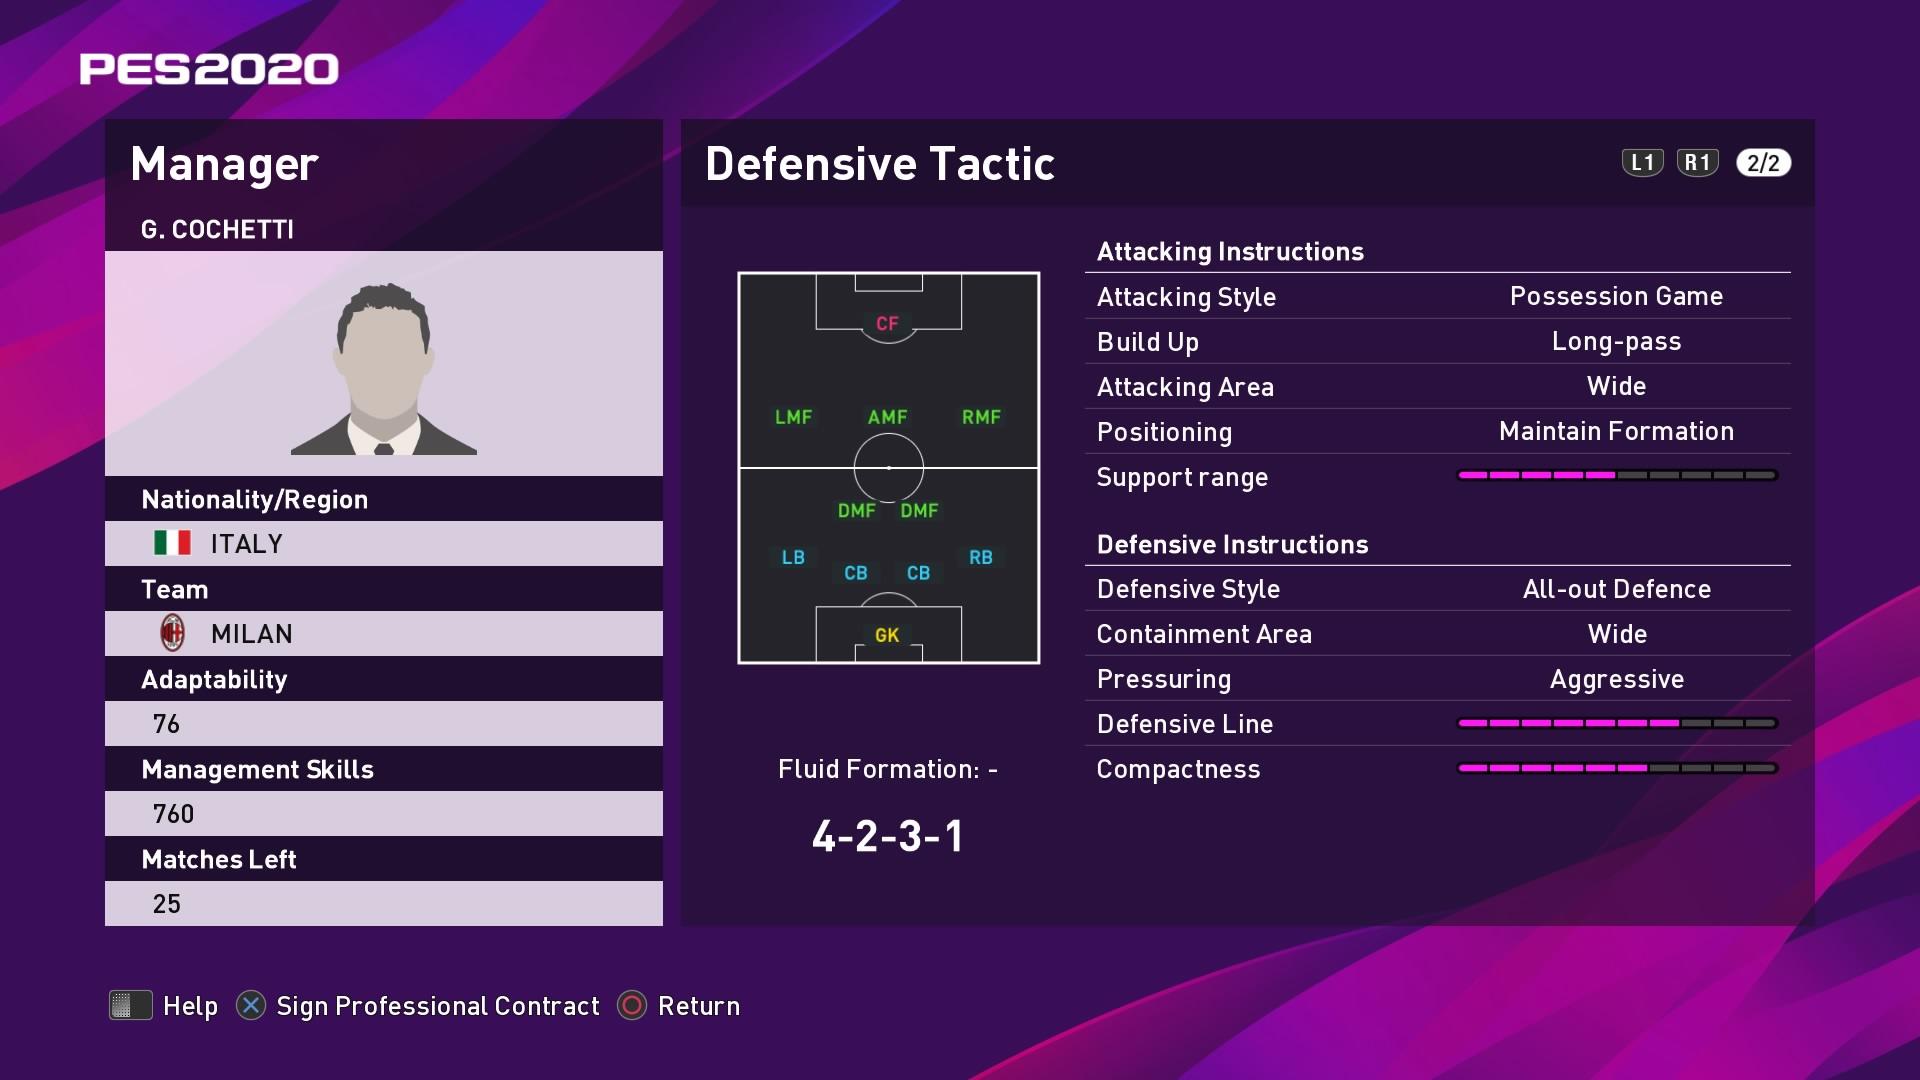 G. Cochetti (Stefano Pioli) Defensive Tactic in PES 2020 myClub